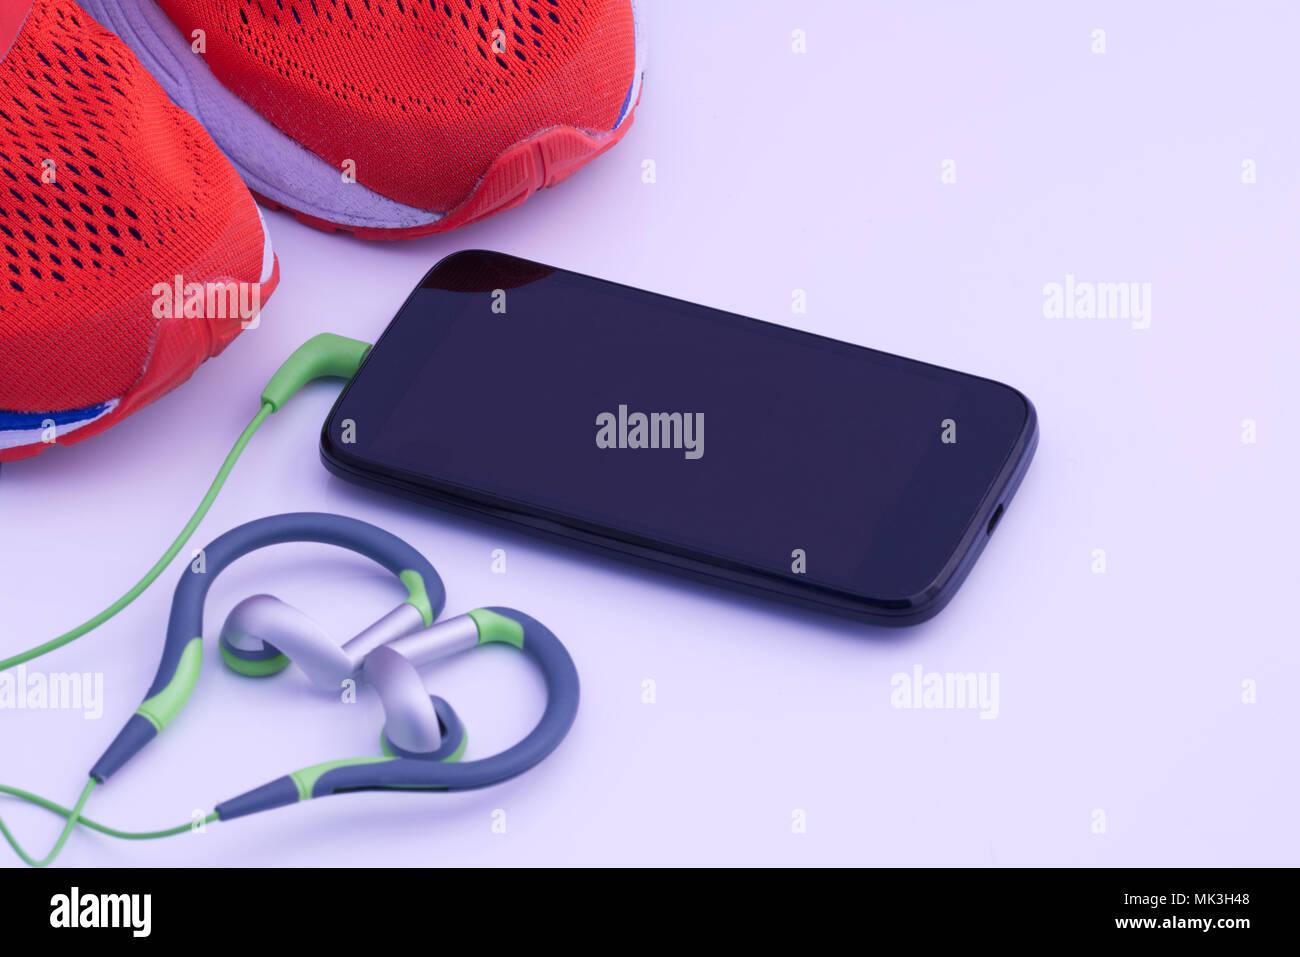 f5595de24b6628 Lebhaften orange Lauftraining Schuhe mit schwarzen handy handys mit grün  und silber grau Kopfhörer auf einem weißen Hintergrund. Laufen